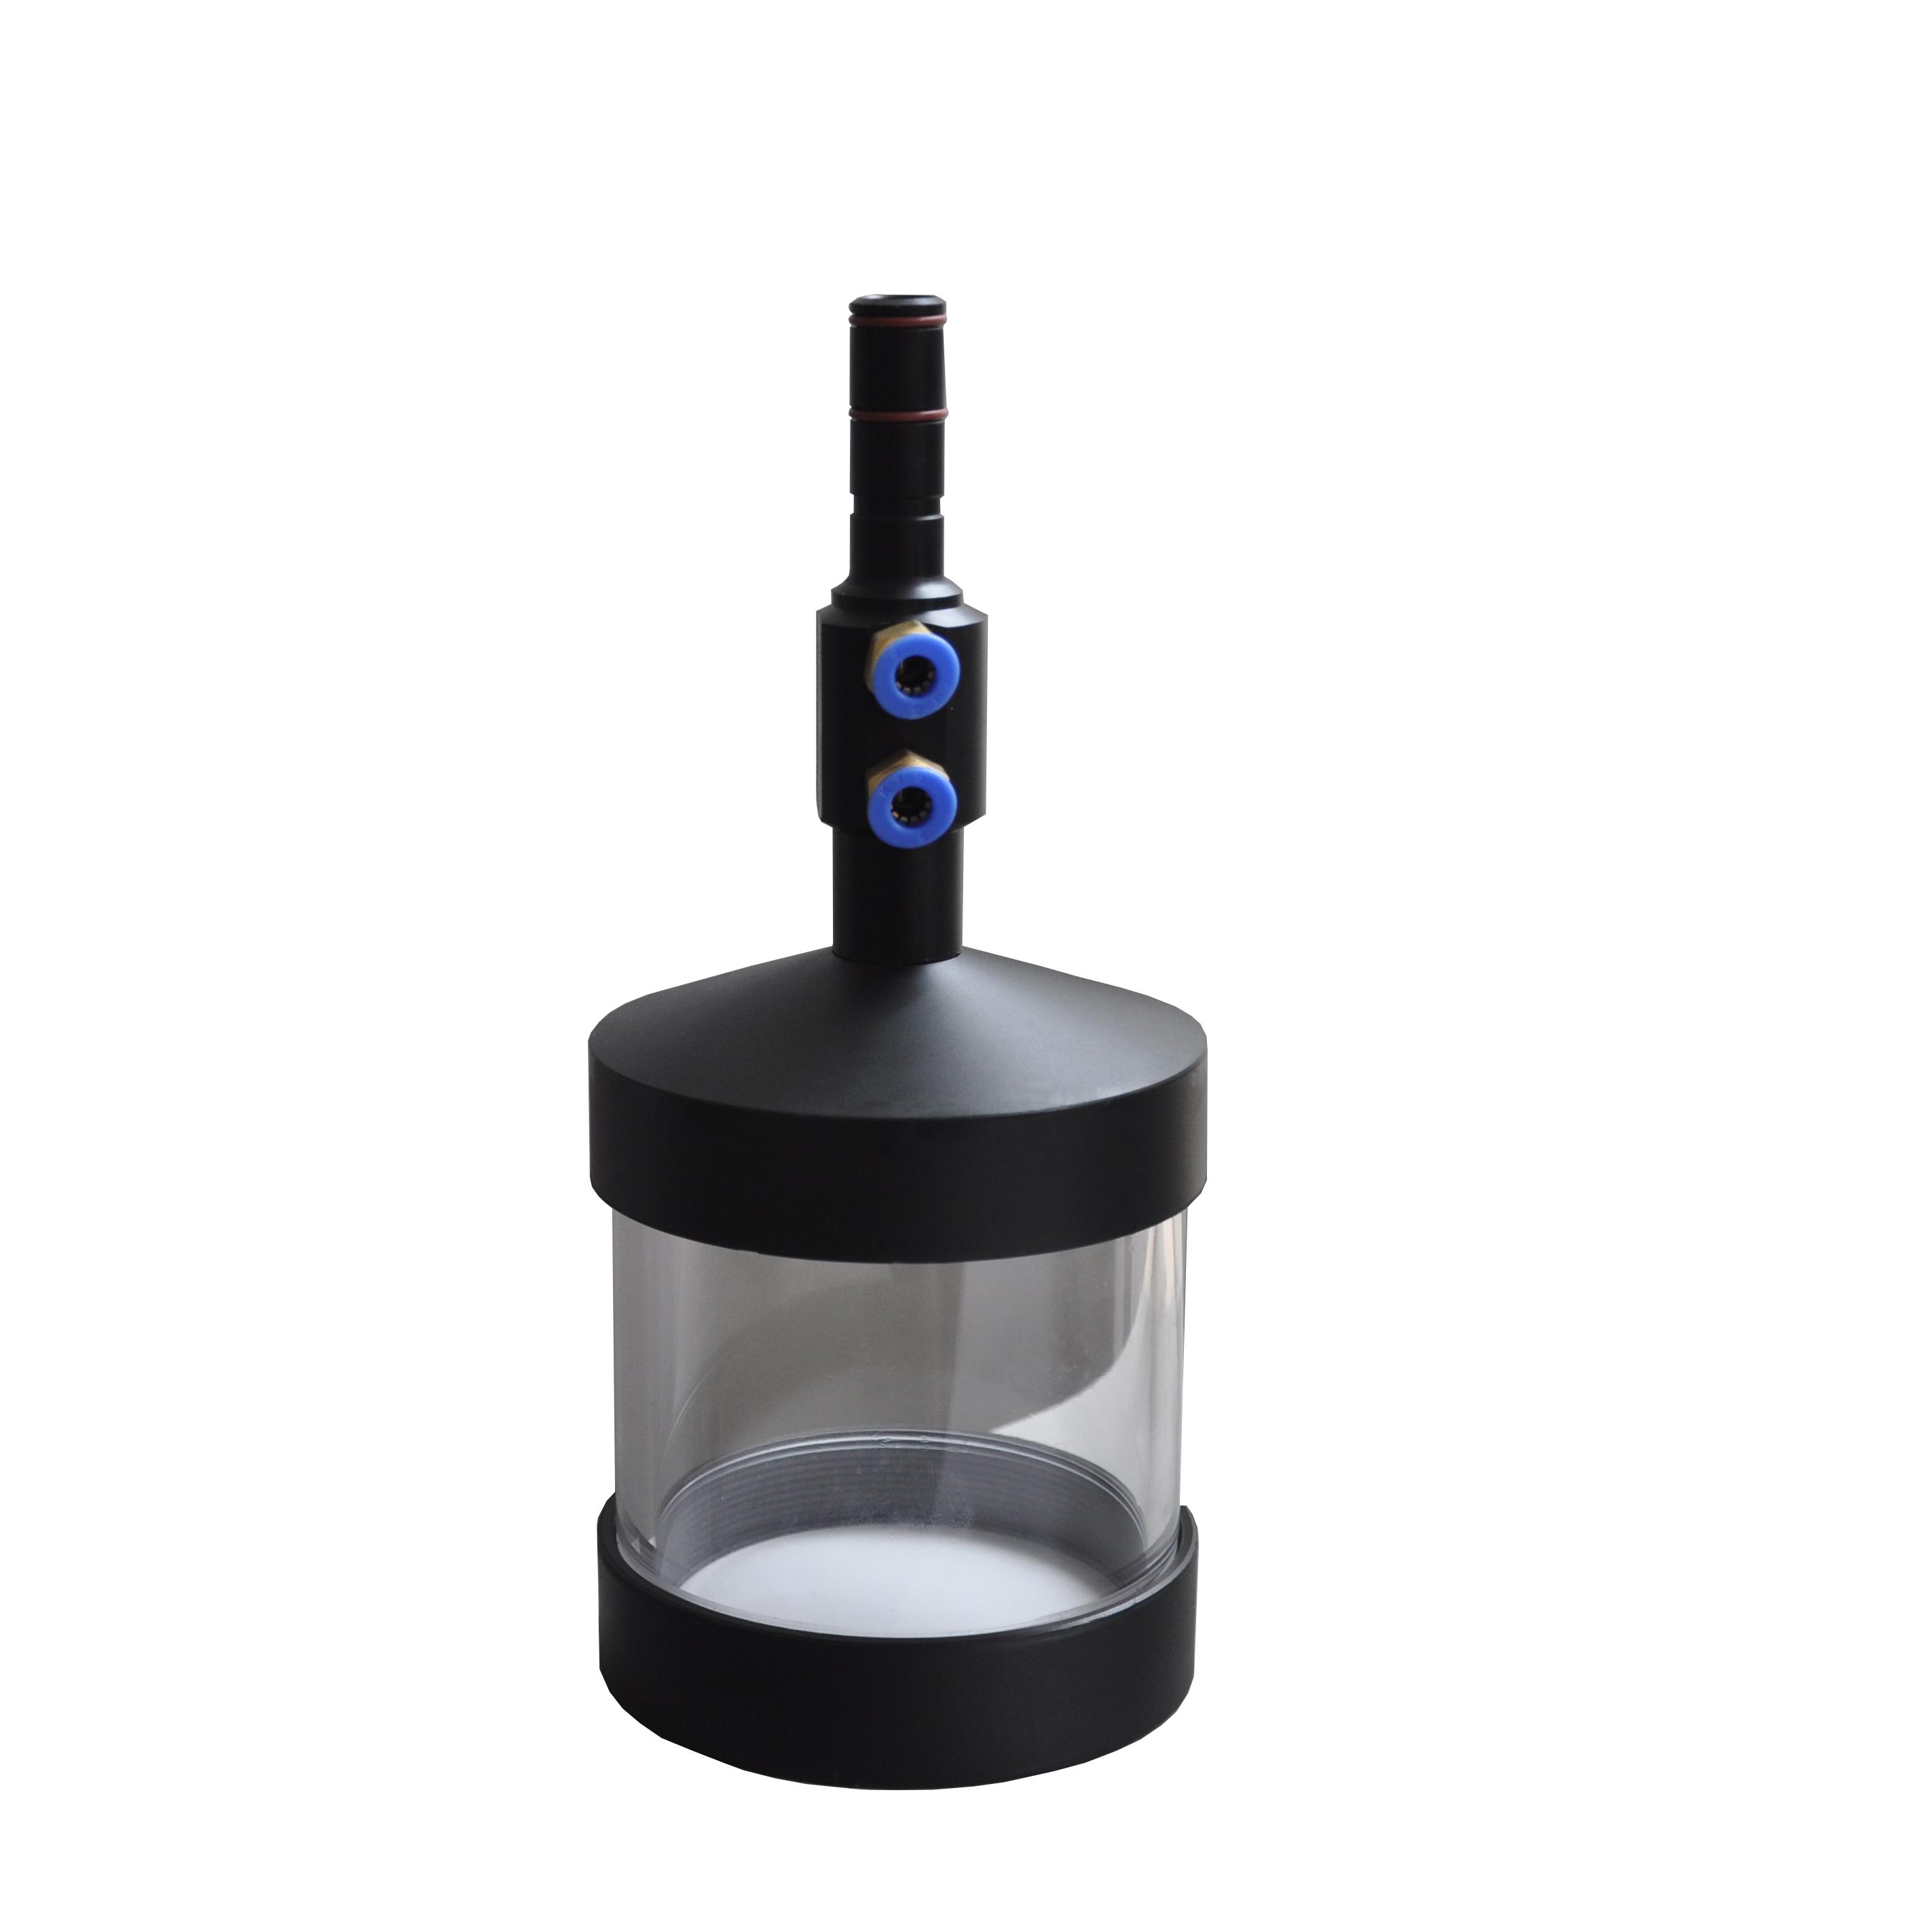 Powder Coating Cup Gun Hopper Powder Coat Pro 855 445 9660